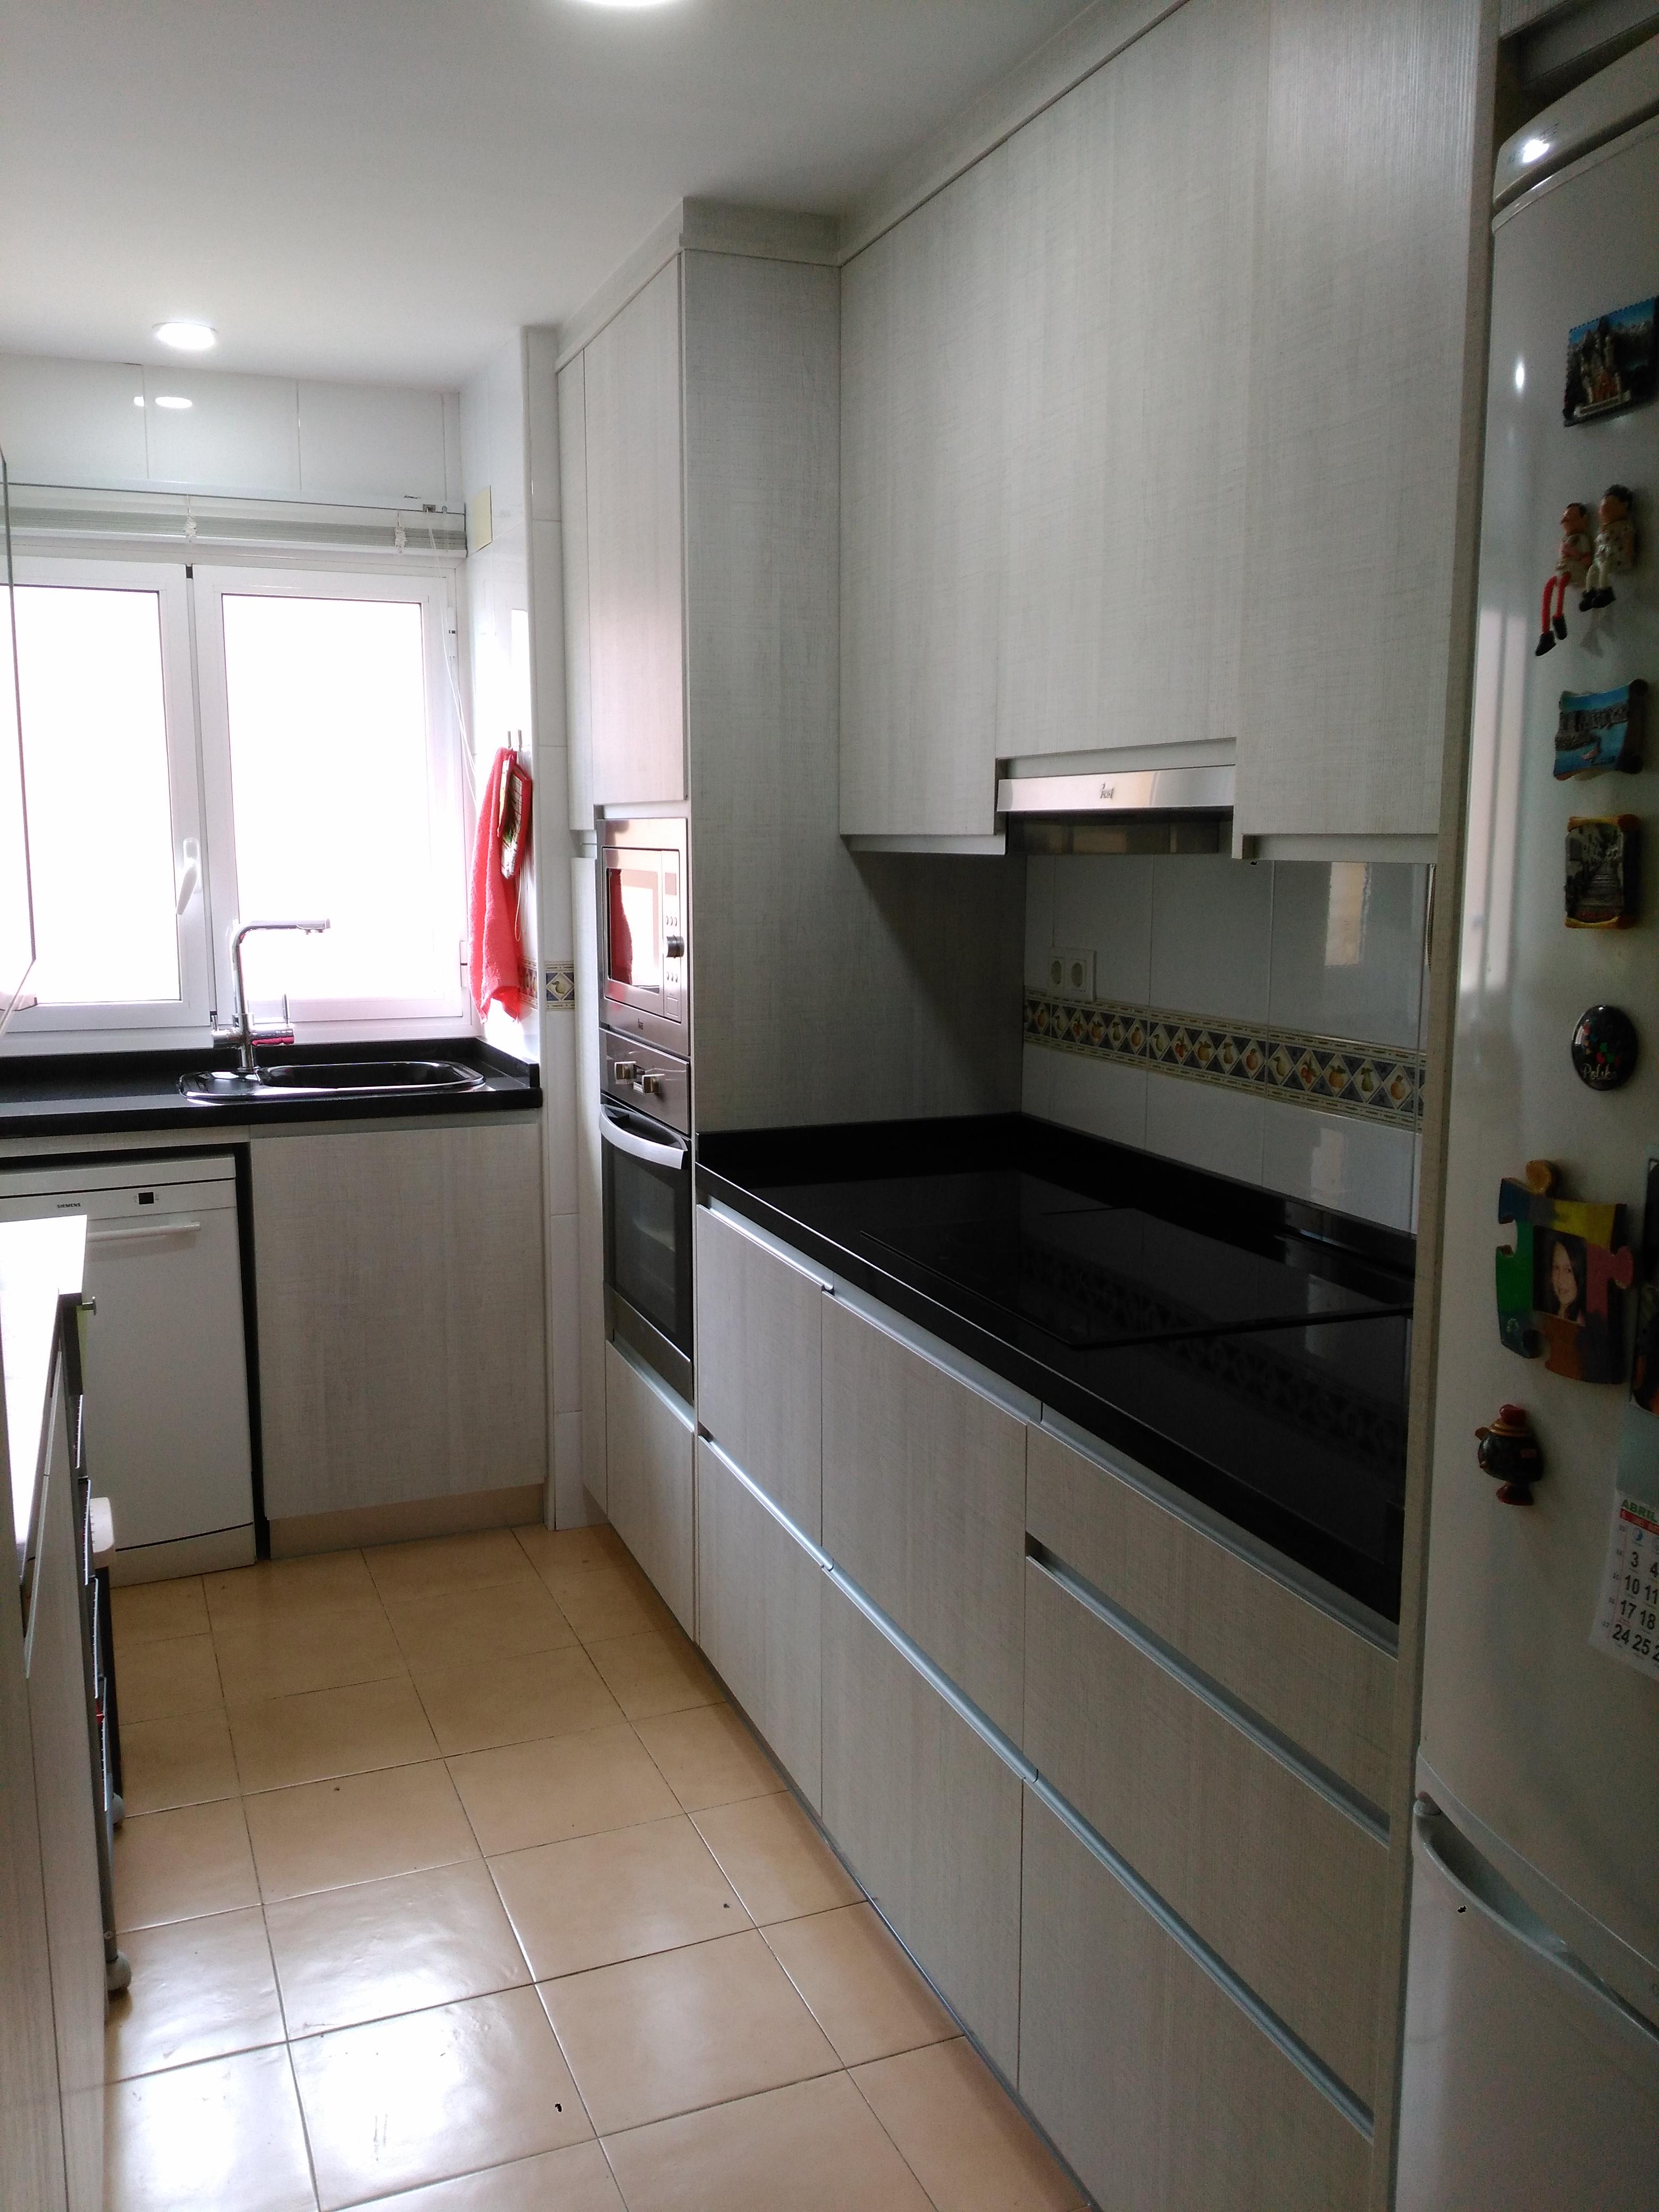 Elegant Cocina Con Puerta Laminado Sierra Blanco, Encimera De Granito Sahara Nigths  Y Tirador Aluminio Integrado